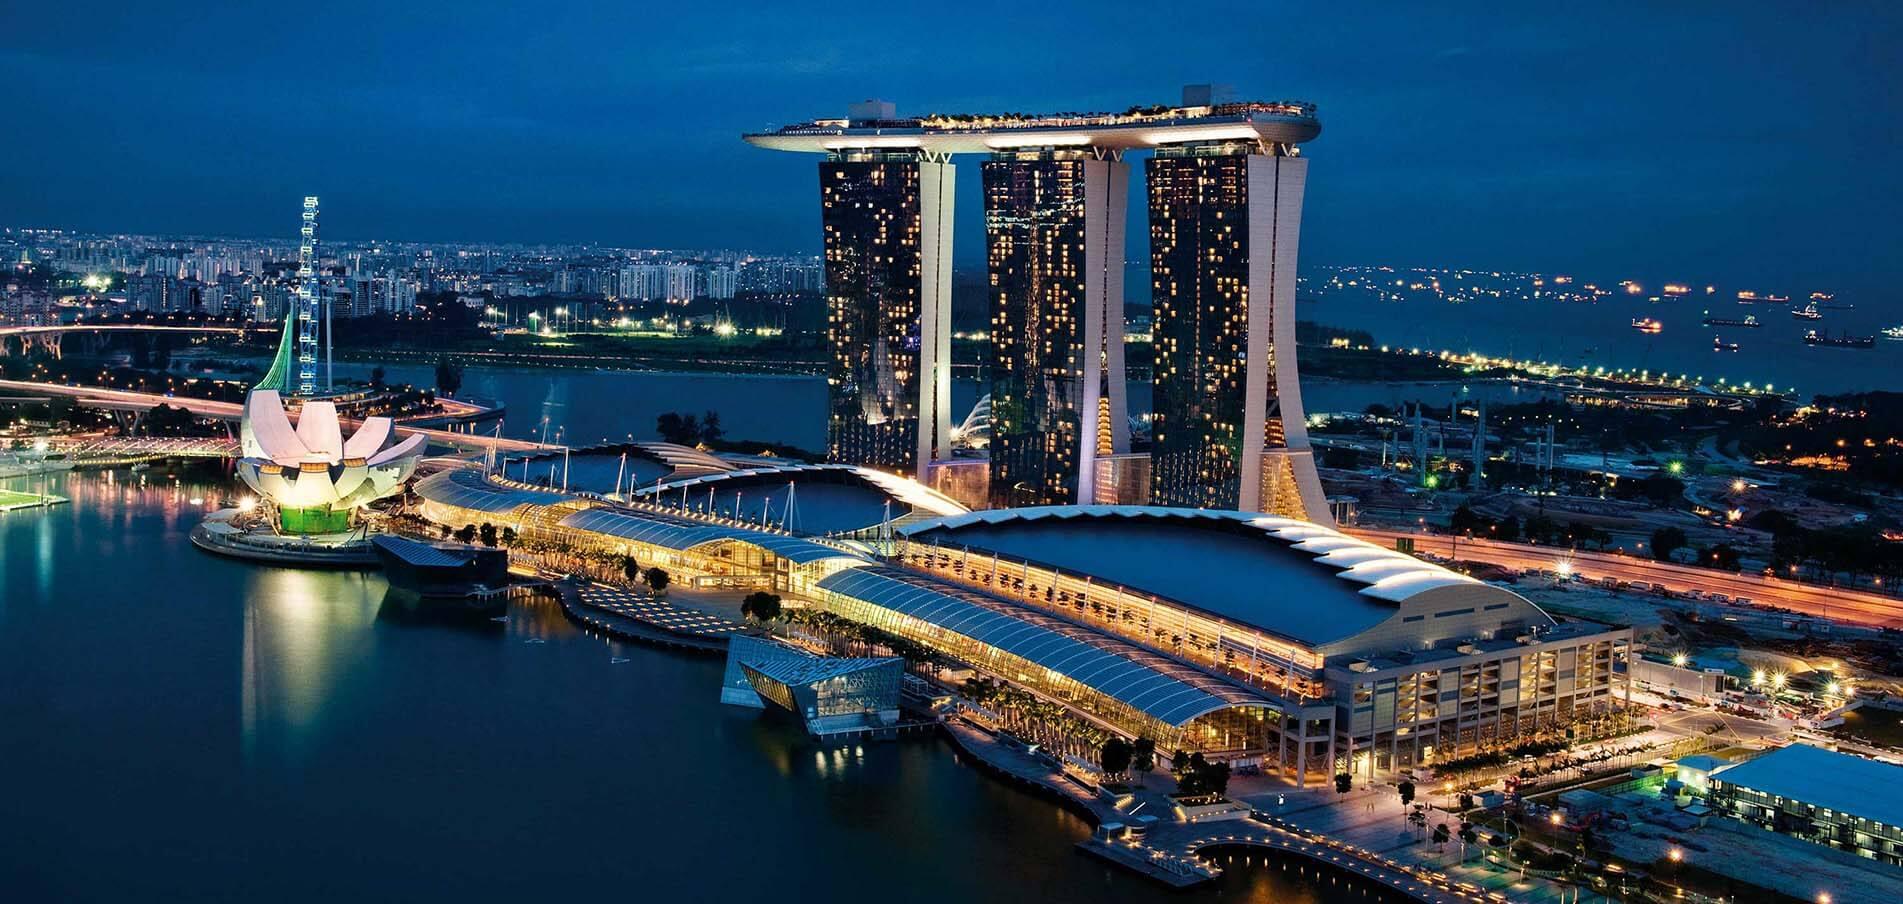 Location de yacht de luxe Singapour